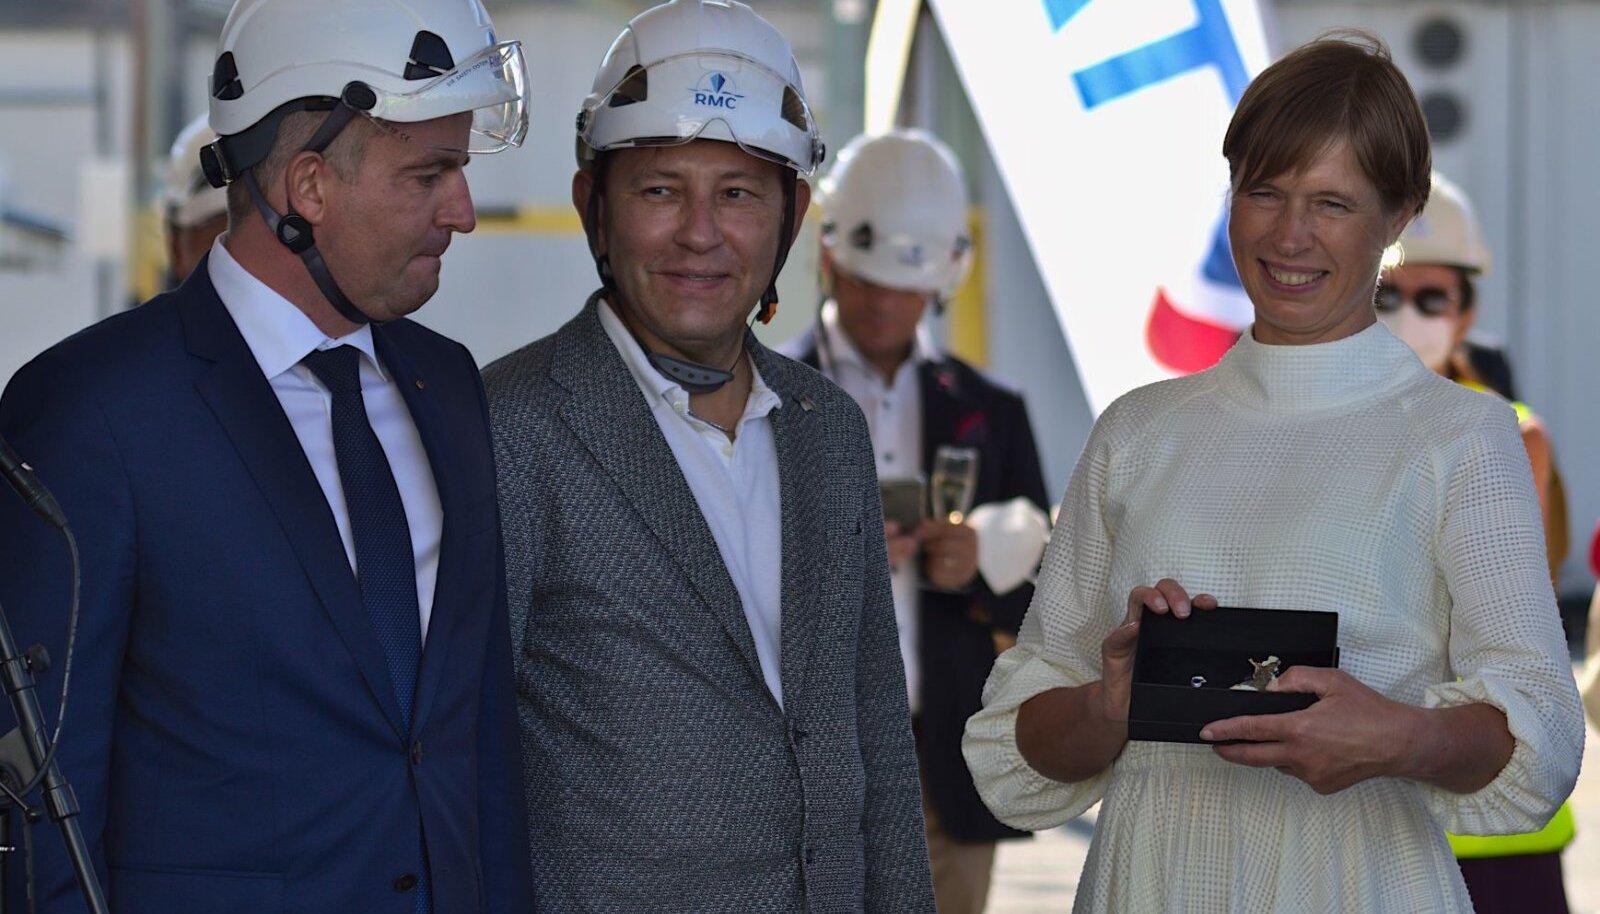 MyStari ristiema president Kersti Kaljulaid laeva ristiema kingitust vastu võtmas Rauma laevatehases